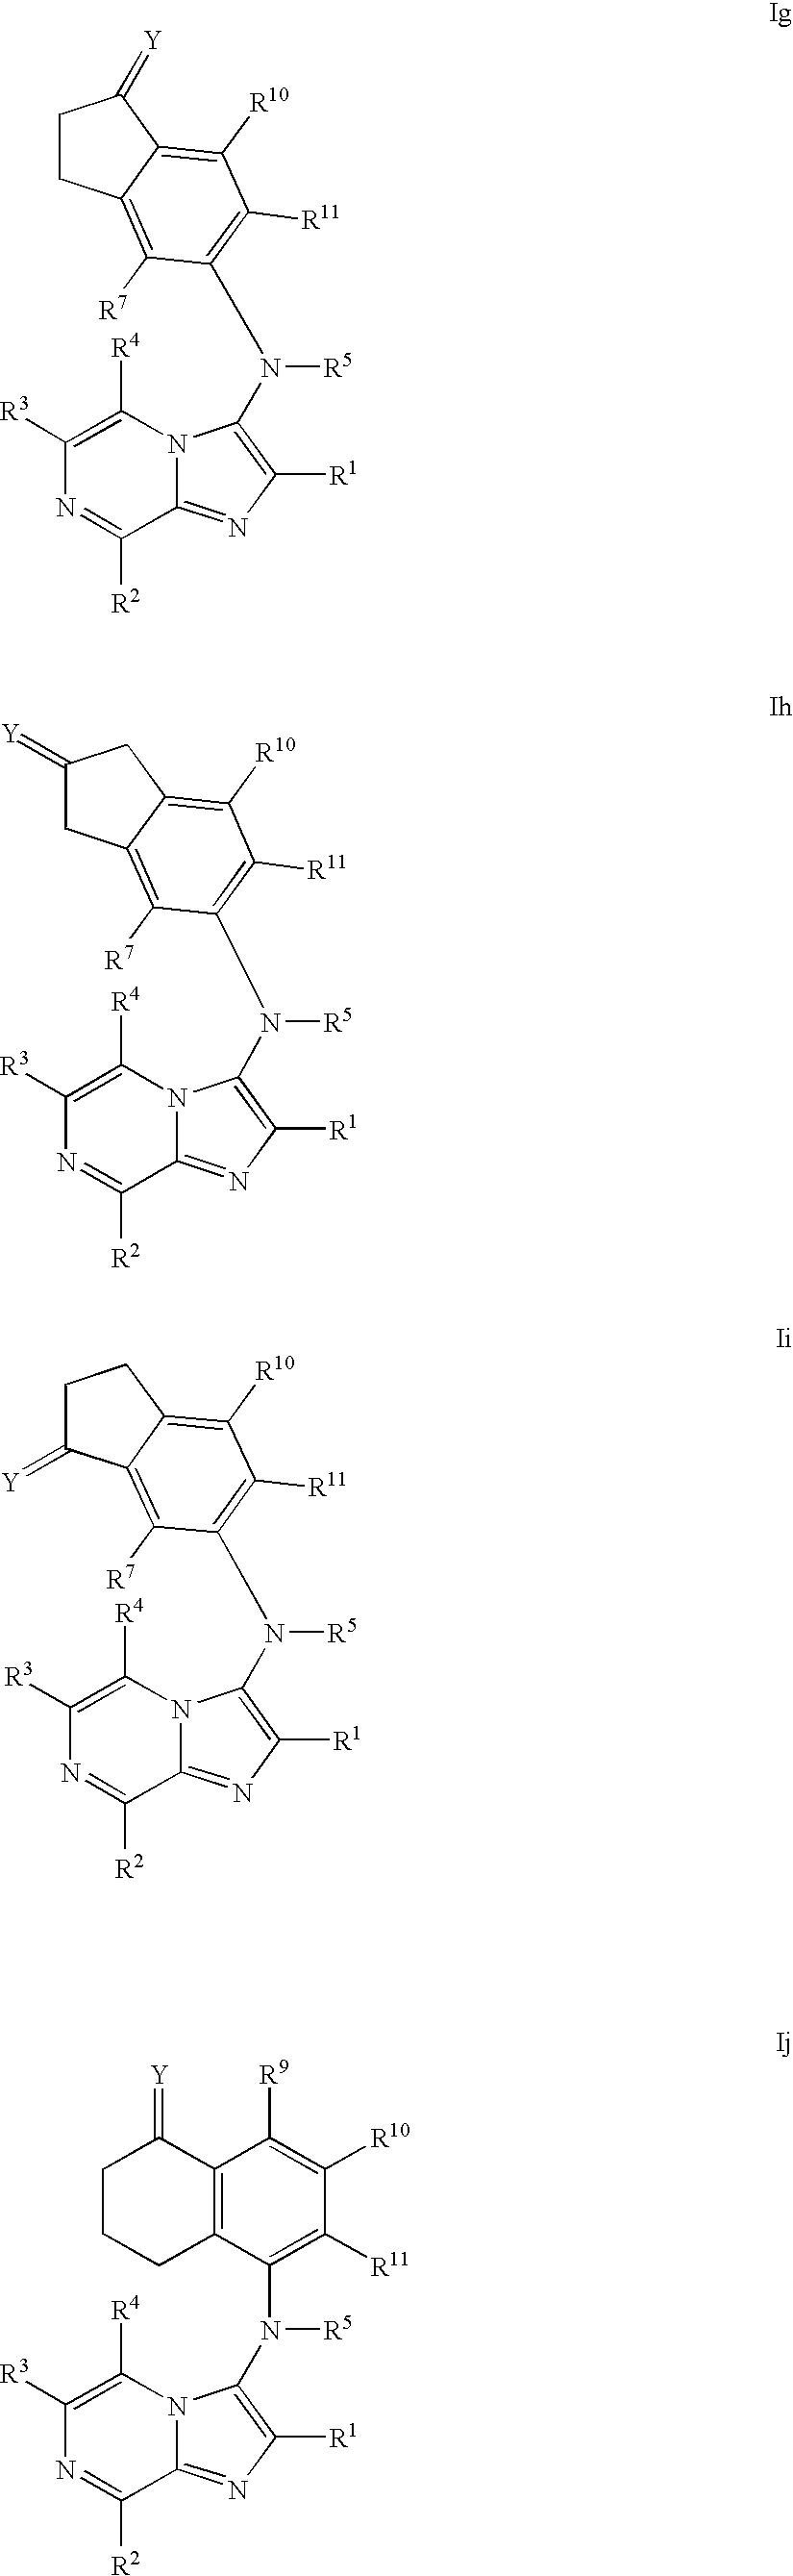 Figure US07566716-20090728-C00008